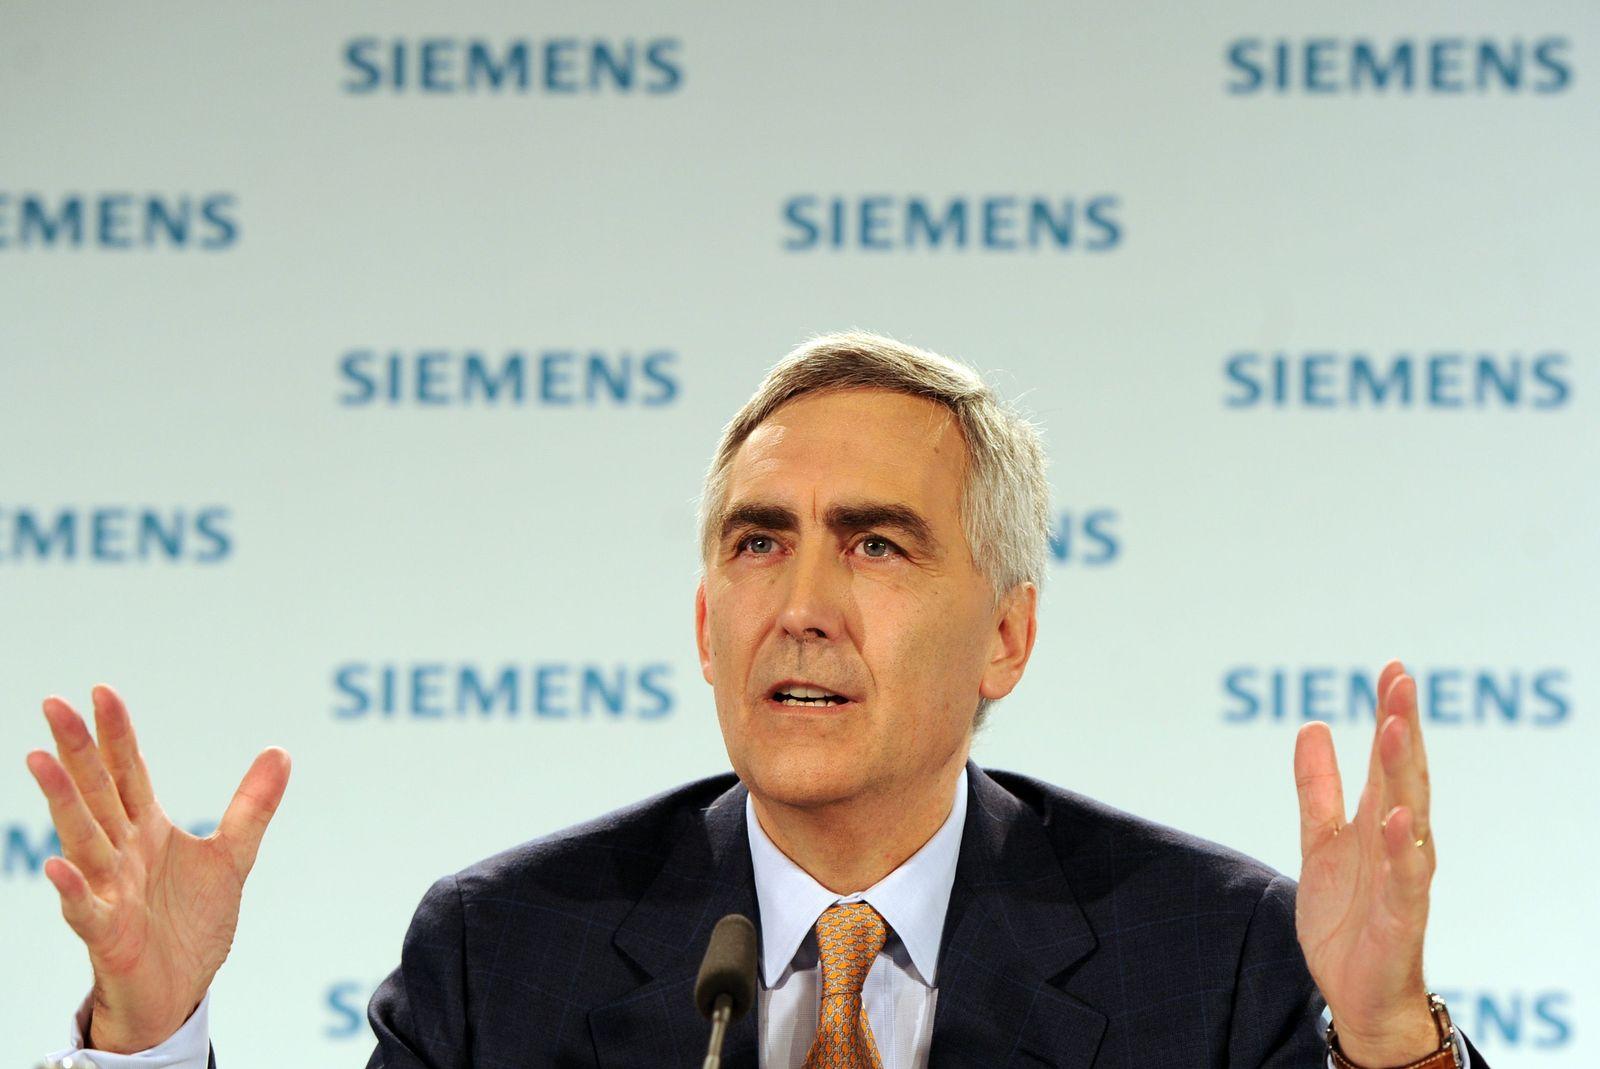 Siemens / HV / Hauptversammlung / Peter Löscher